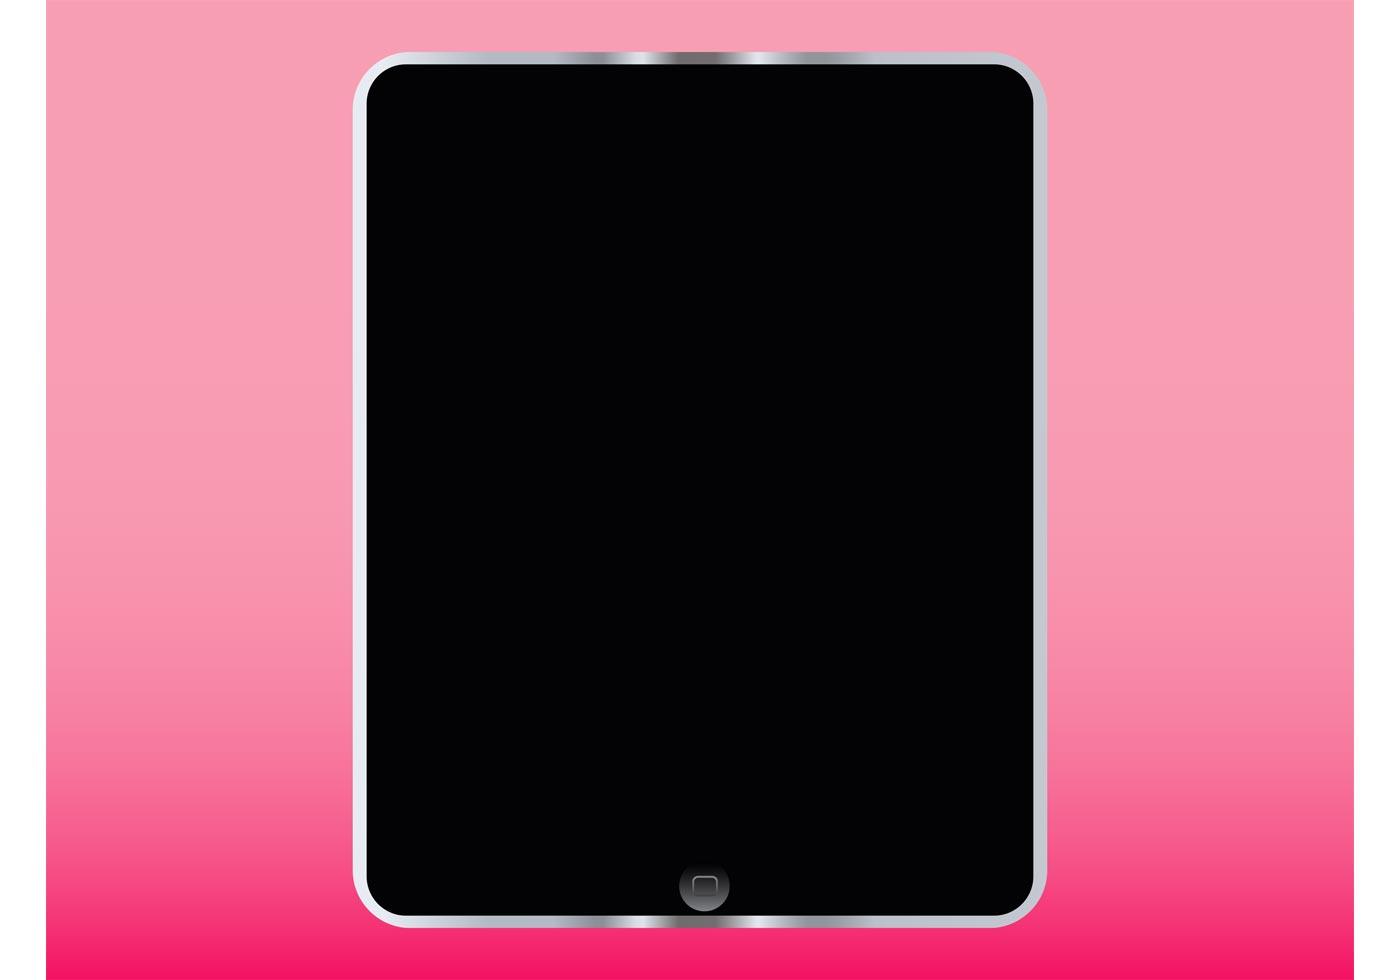 iPad Vector Graphics - Download Free Vector Art, Stock ...